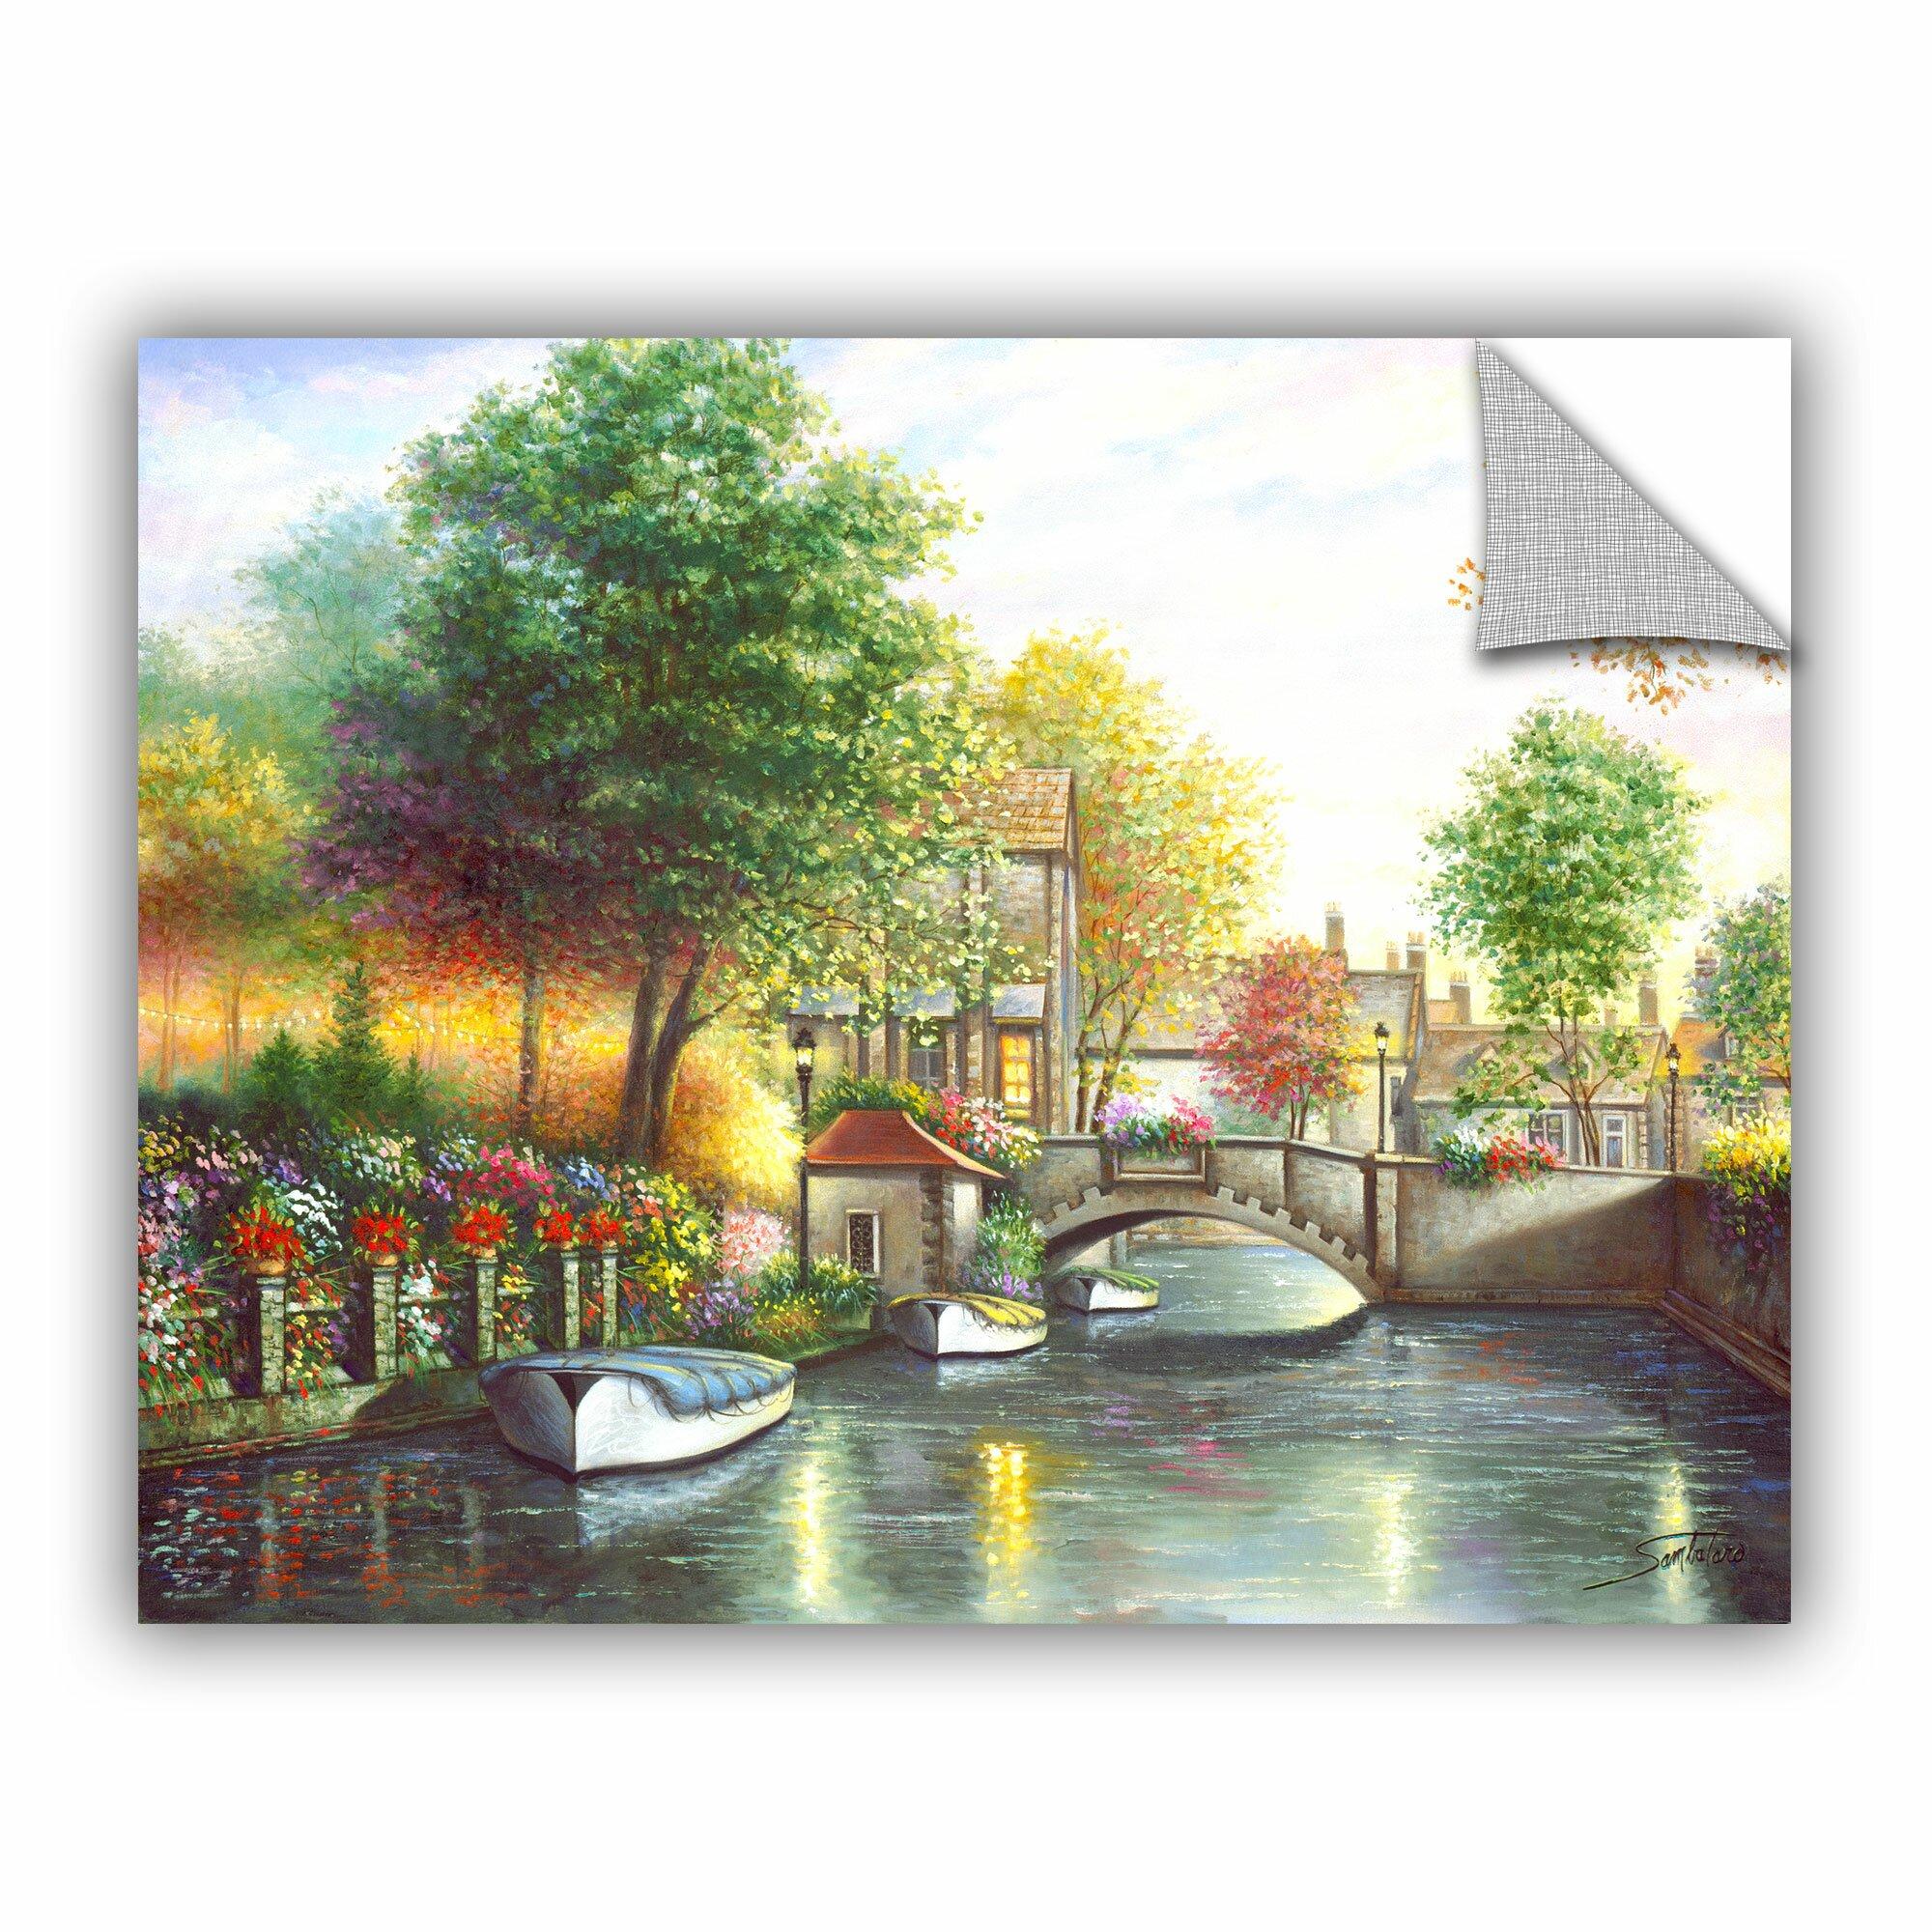 Artwall canal bridge wall mural wayfair for Canal fluminense mural